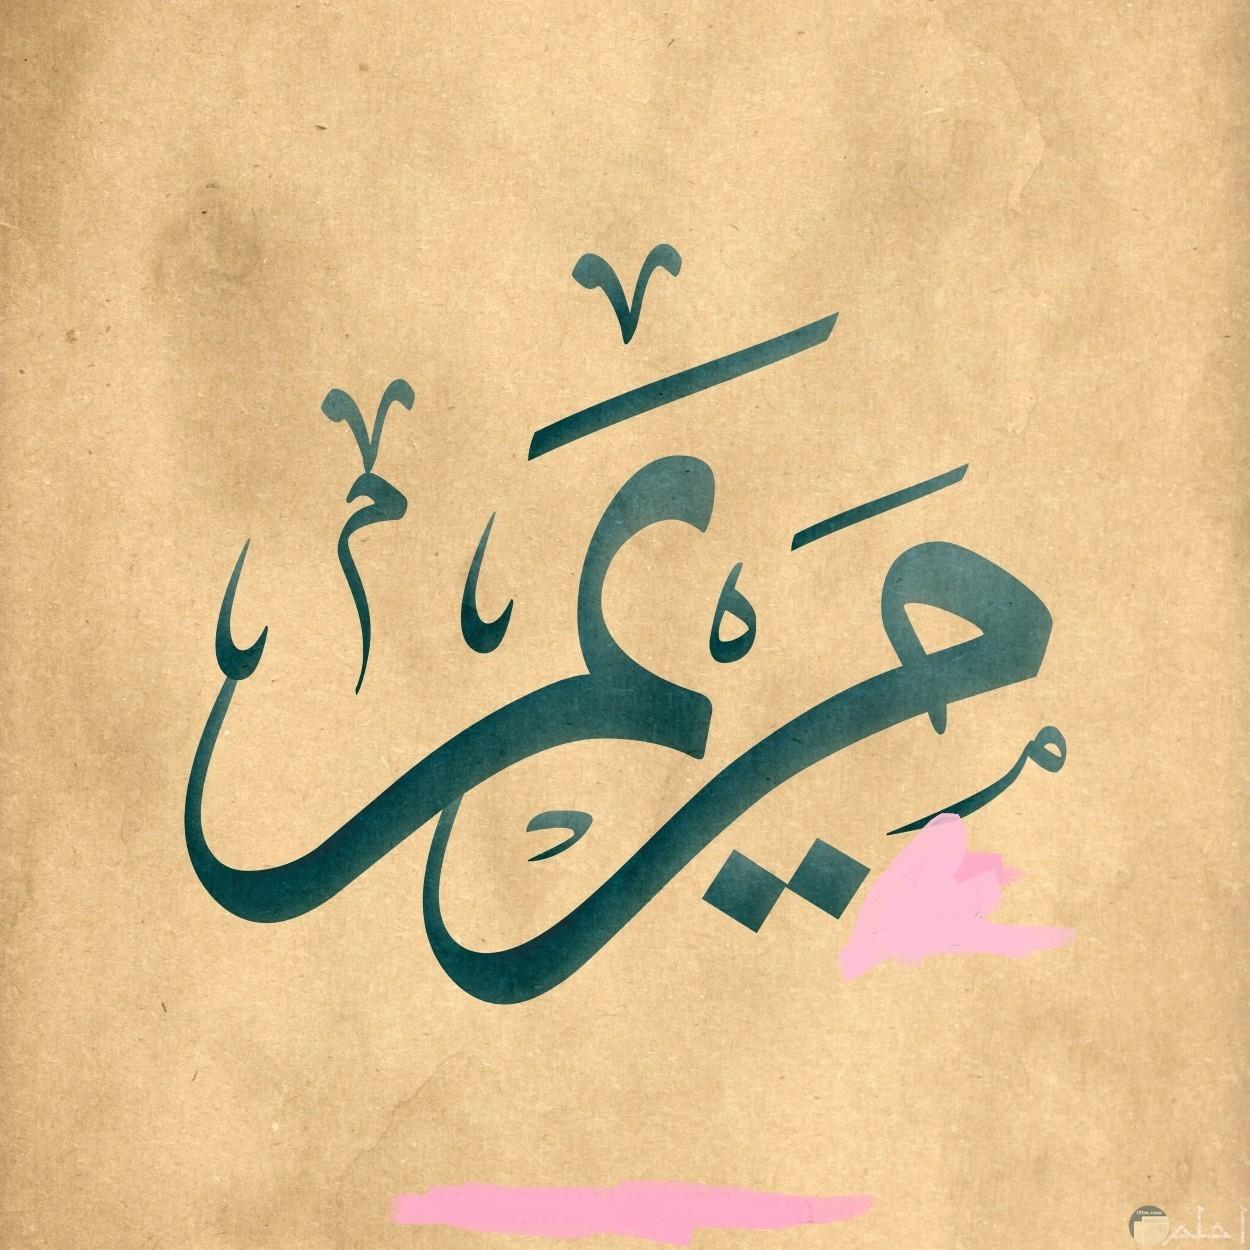 صورة لإسم مريم و التشكيل يعلوه.